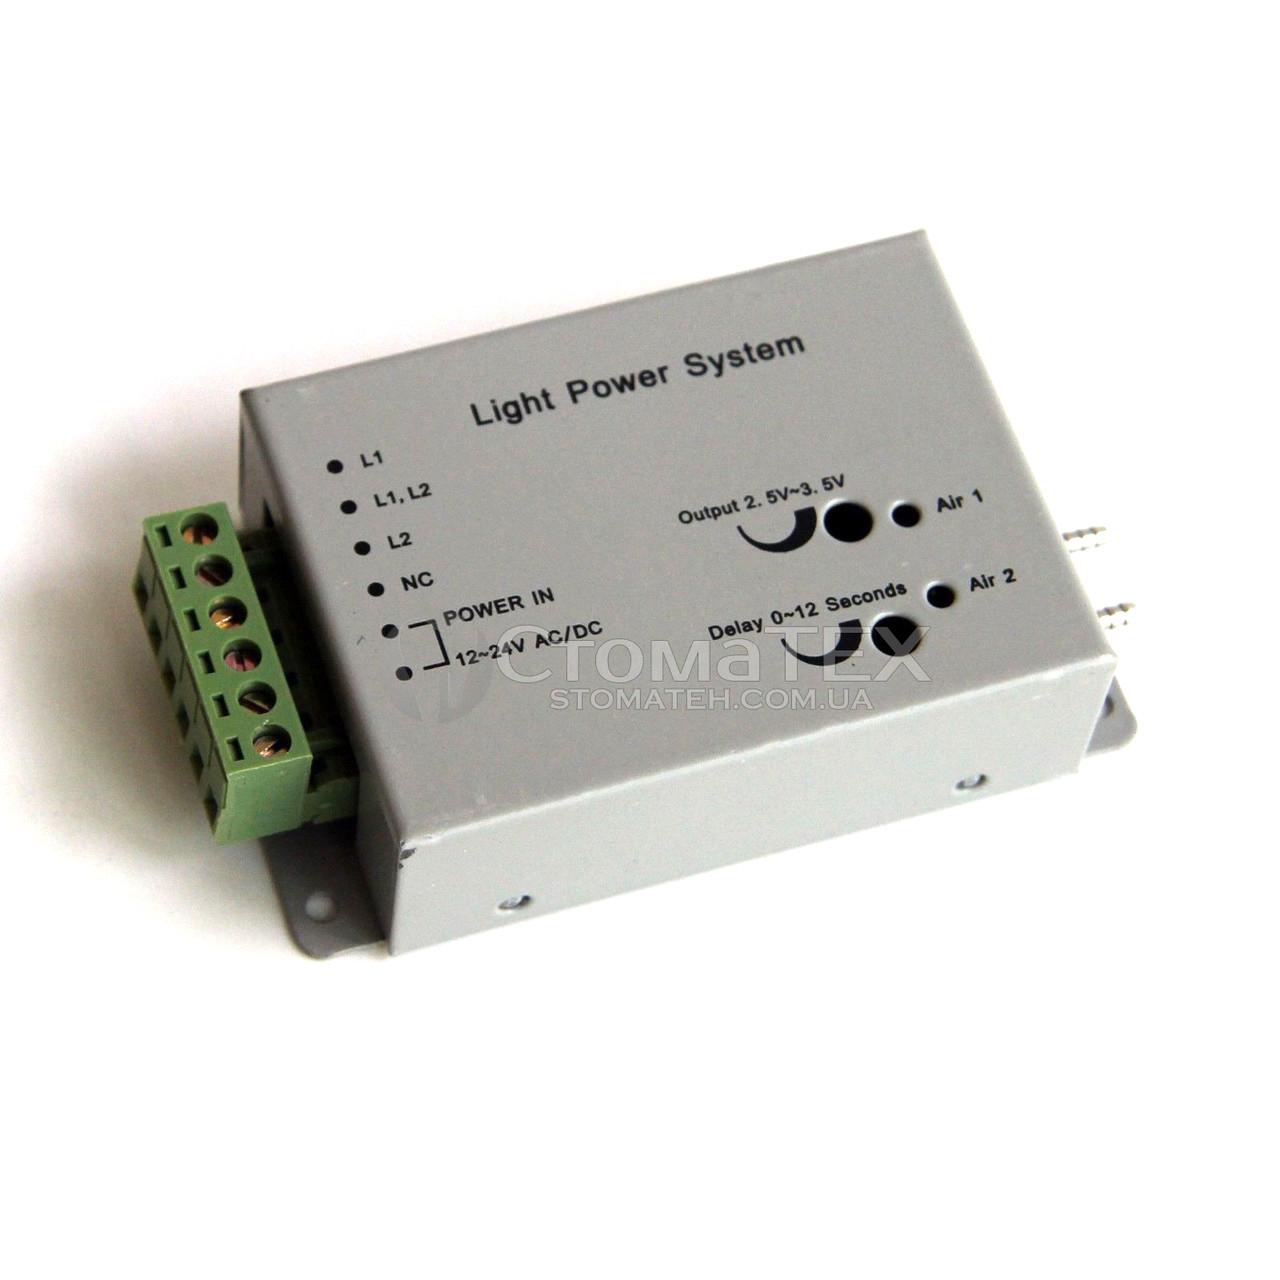 Блок управления фиброоптикой, Light Power System (24V)